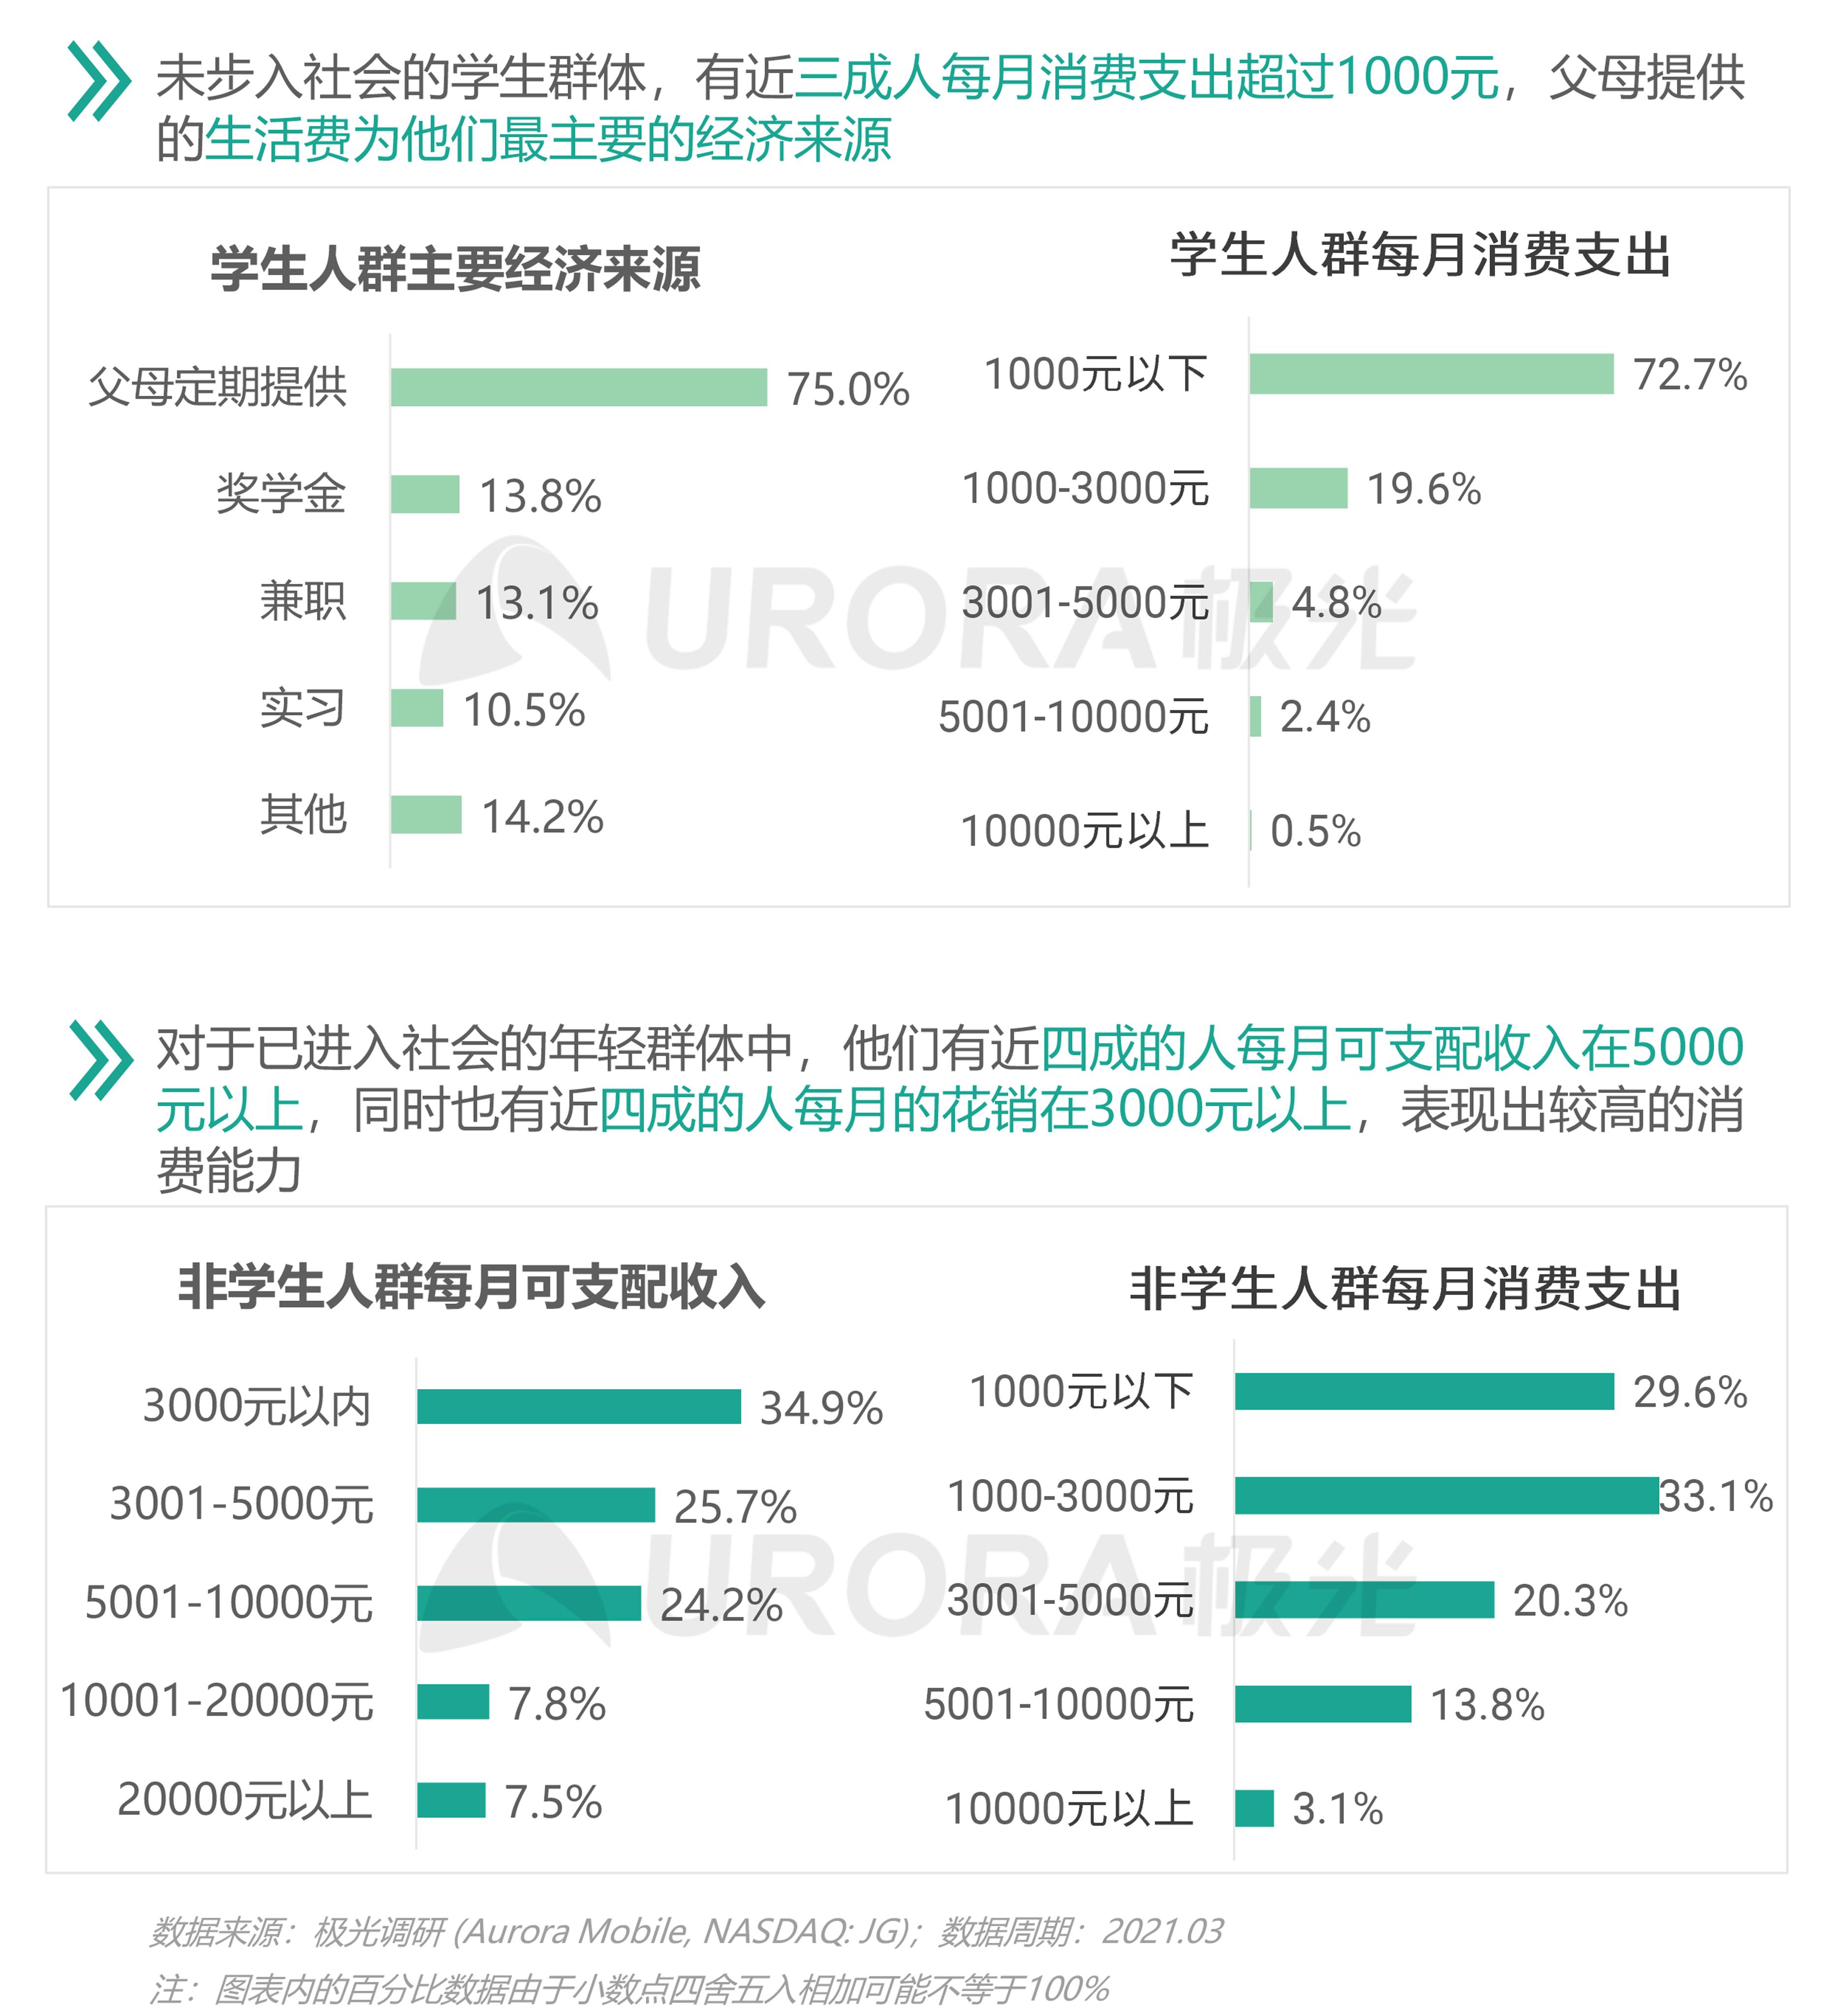 2021年轻人营销趋势研究报告【定稿】-21.png